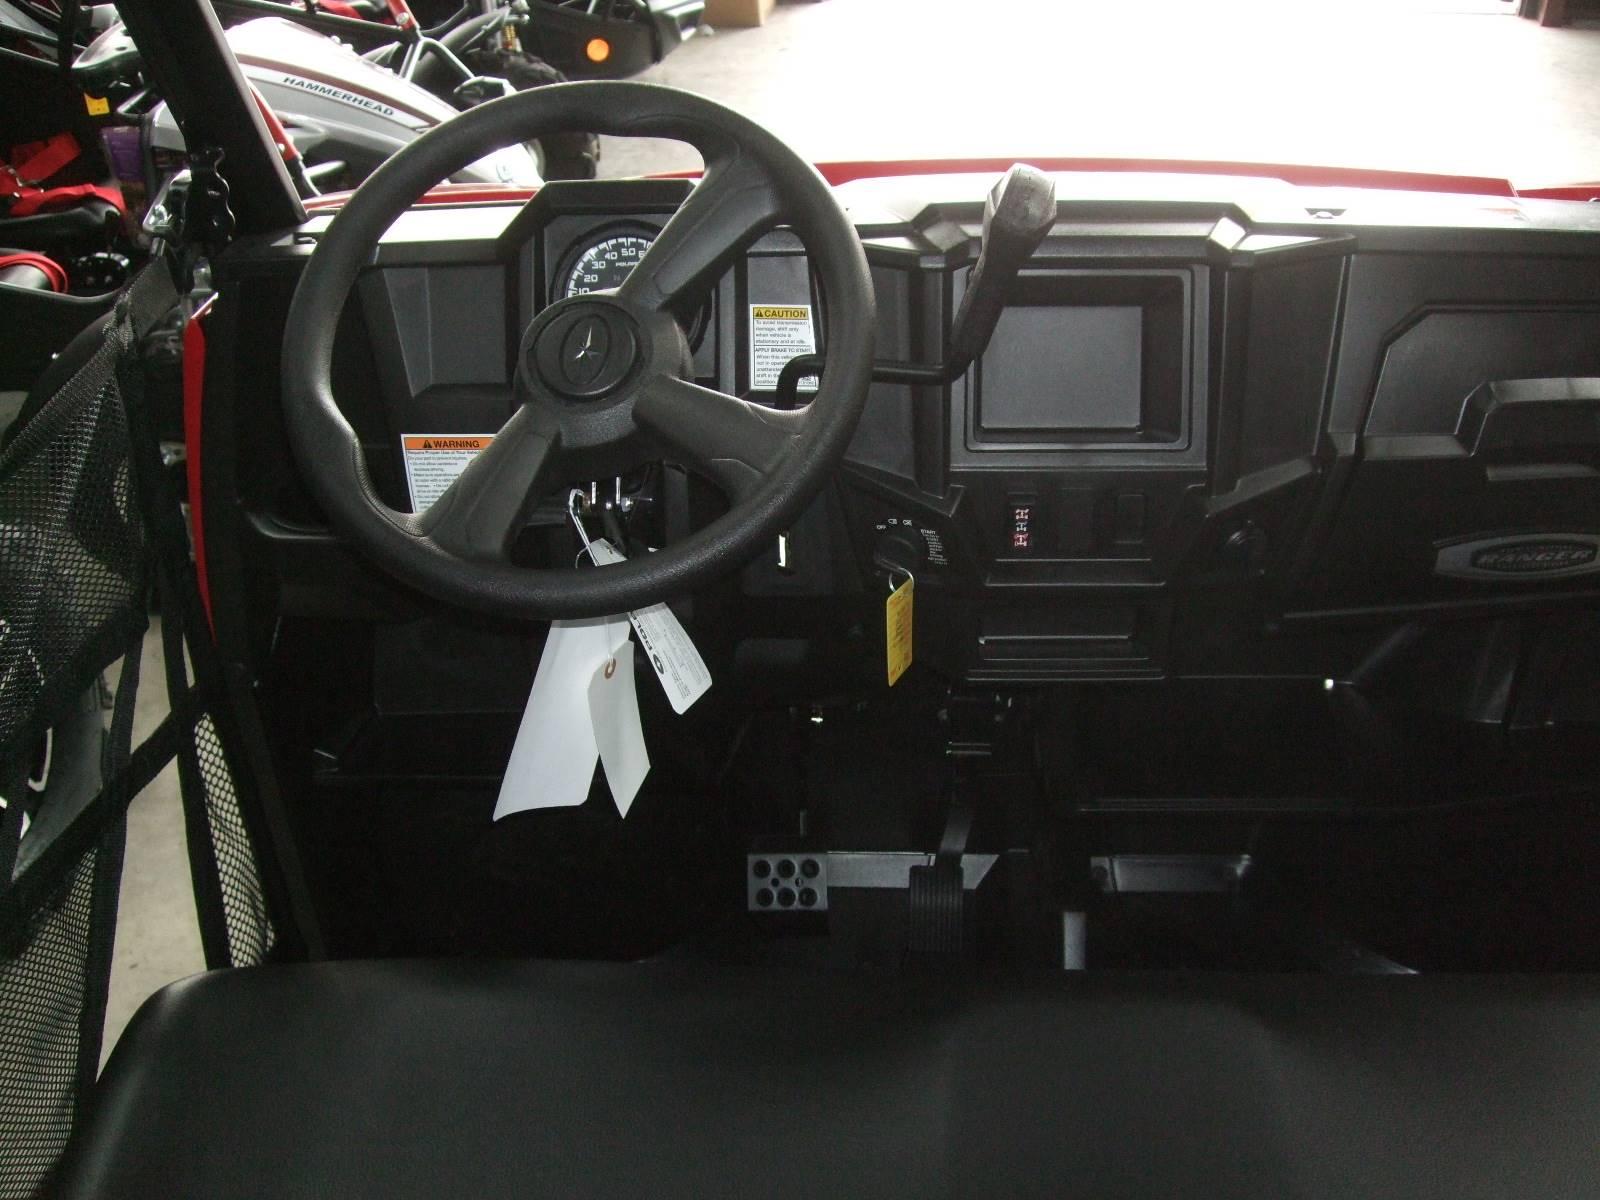 2017 Polaris Ranger 500 7